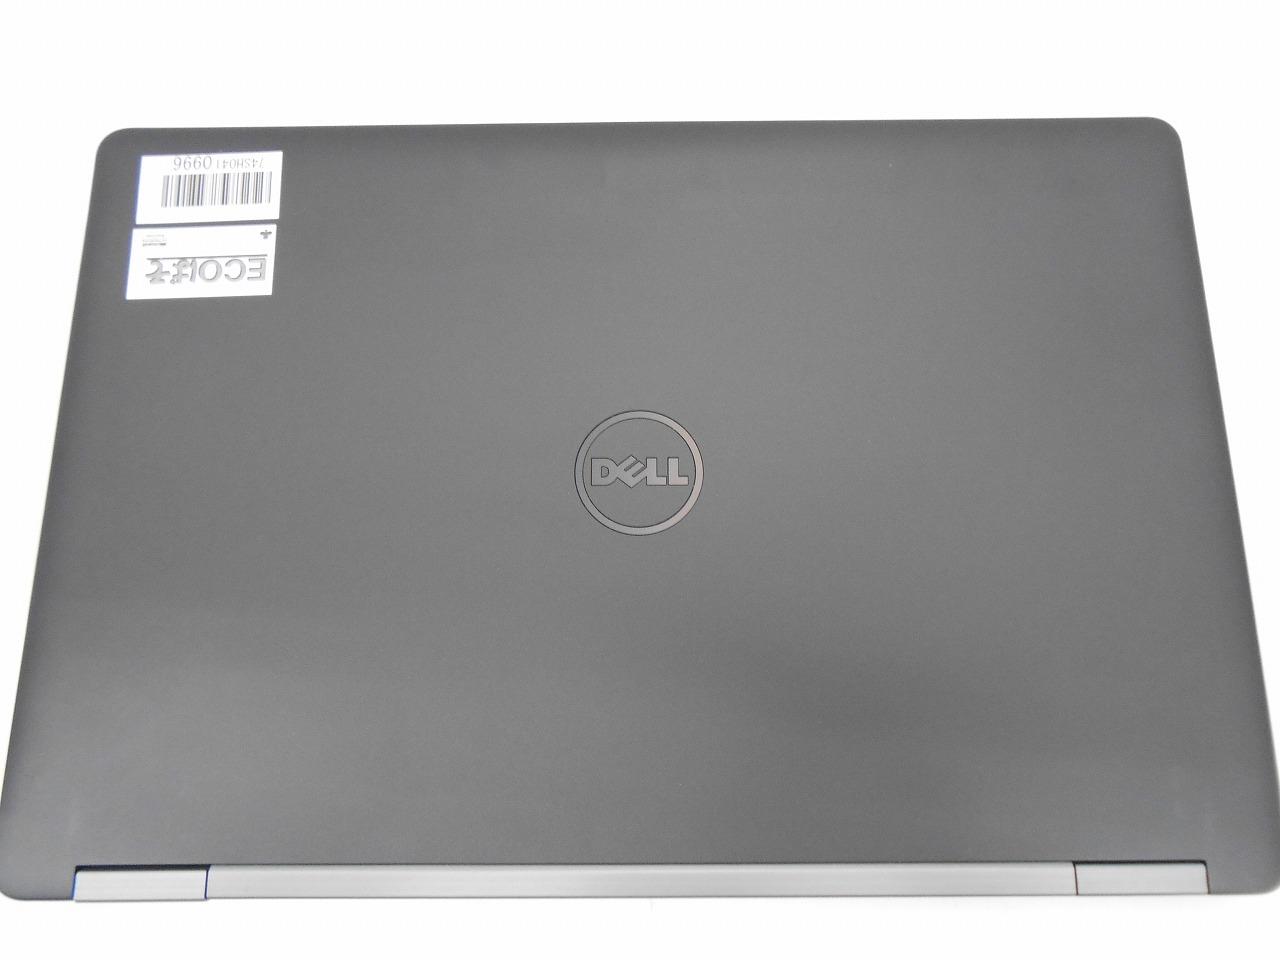 【中古】DELL Latitude E5570/2016年モデル/Corei7 6600U 2.6GHz/メモリ16GB/HDD500GB/15インチ/Windows10Home【3ヶ月保証】【足立店発送】